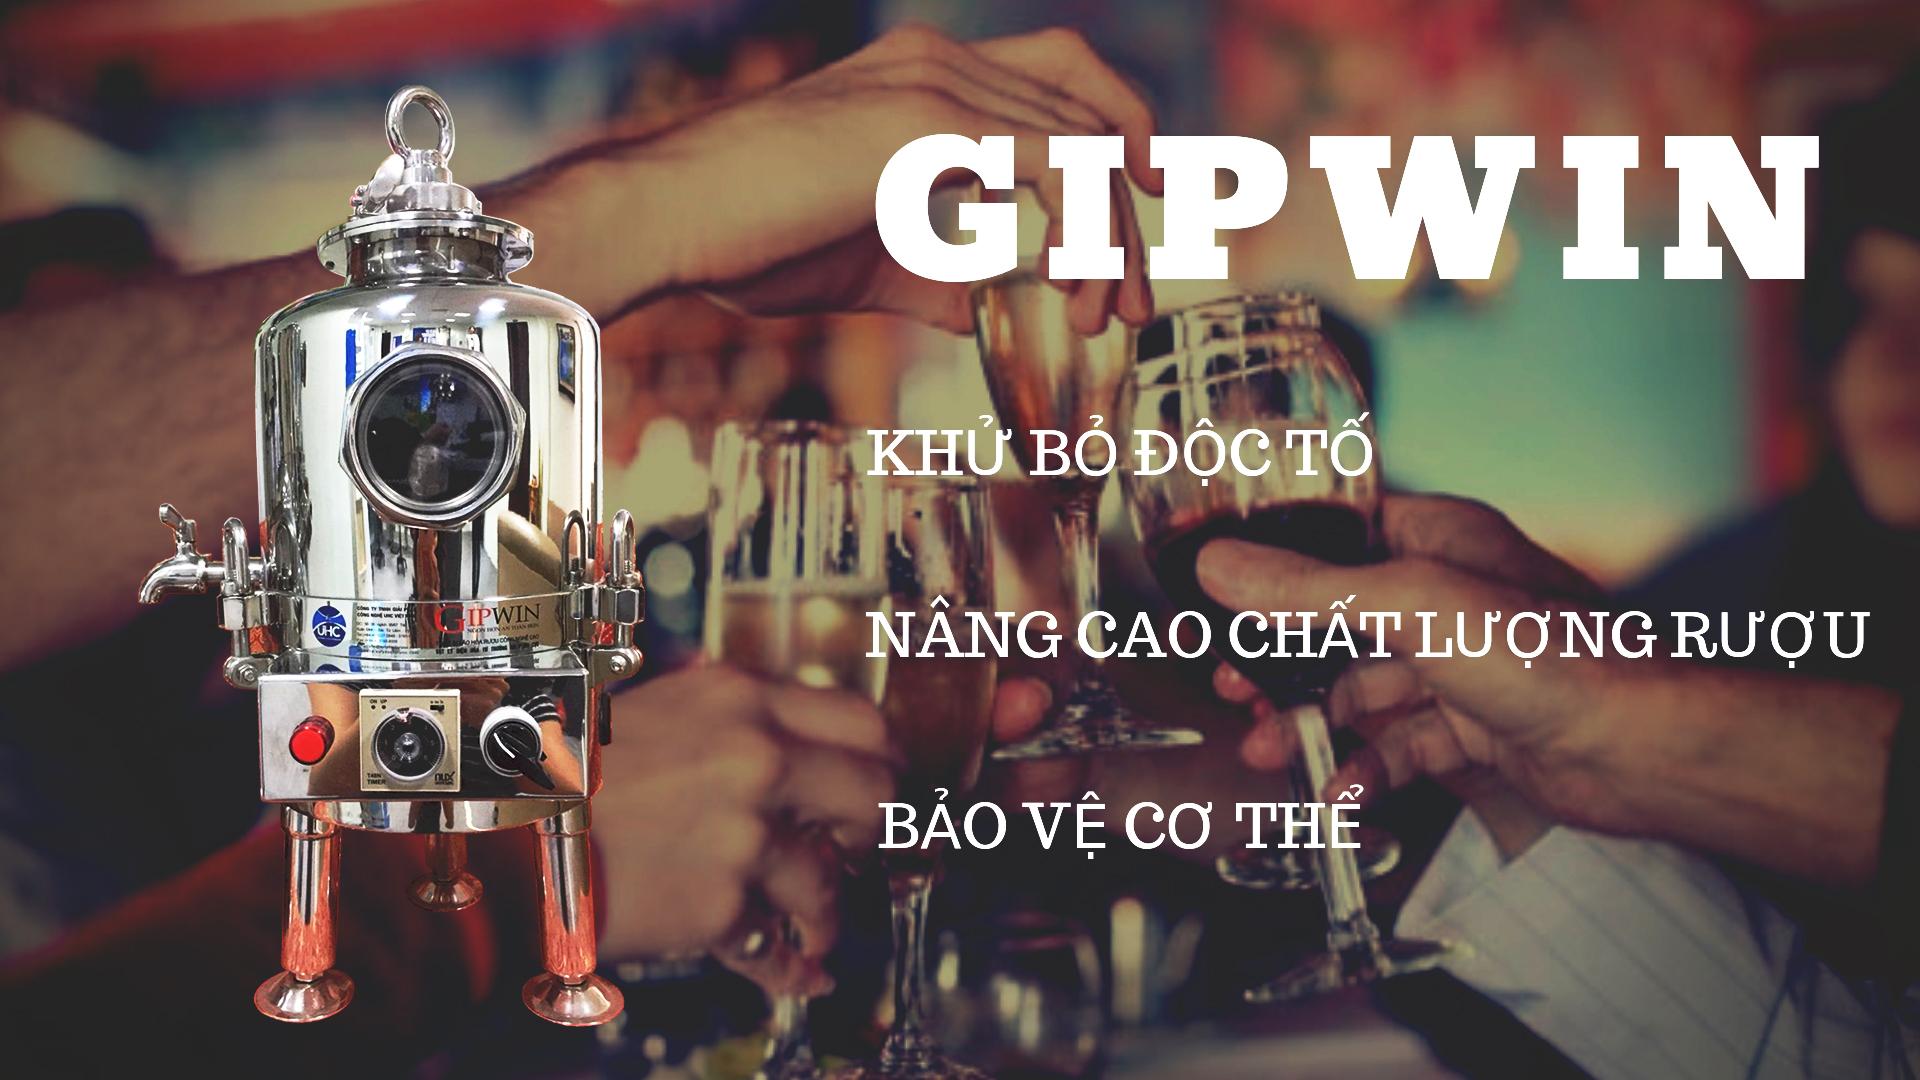 Rượu xử lý qua Gipwin có gì khác biệt?